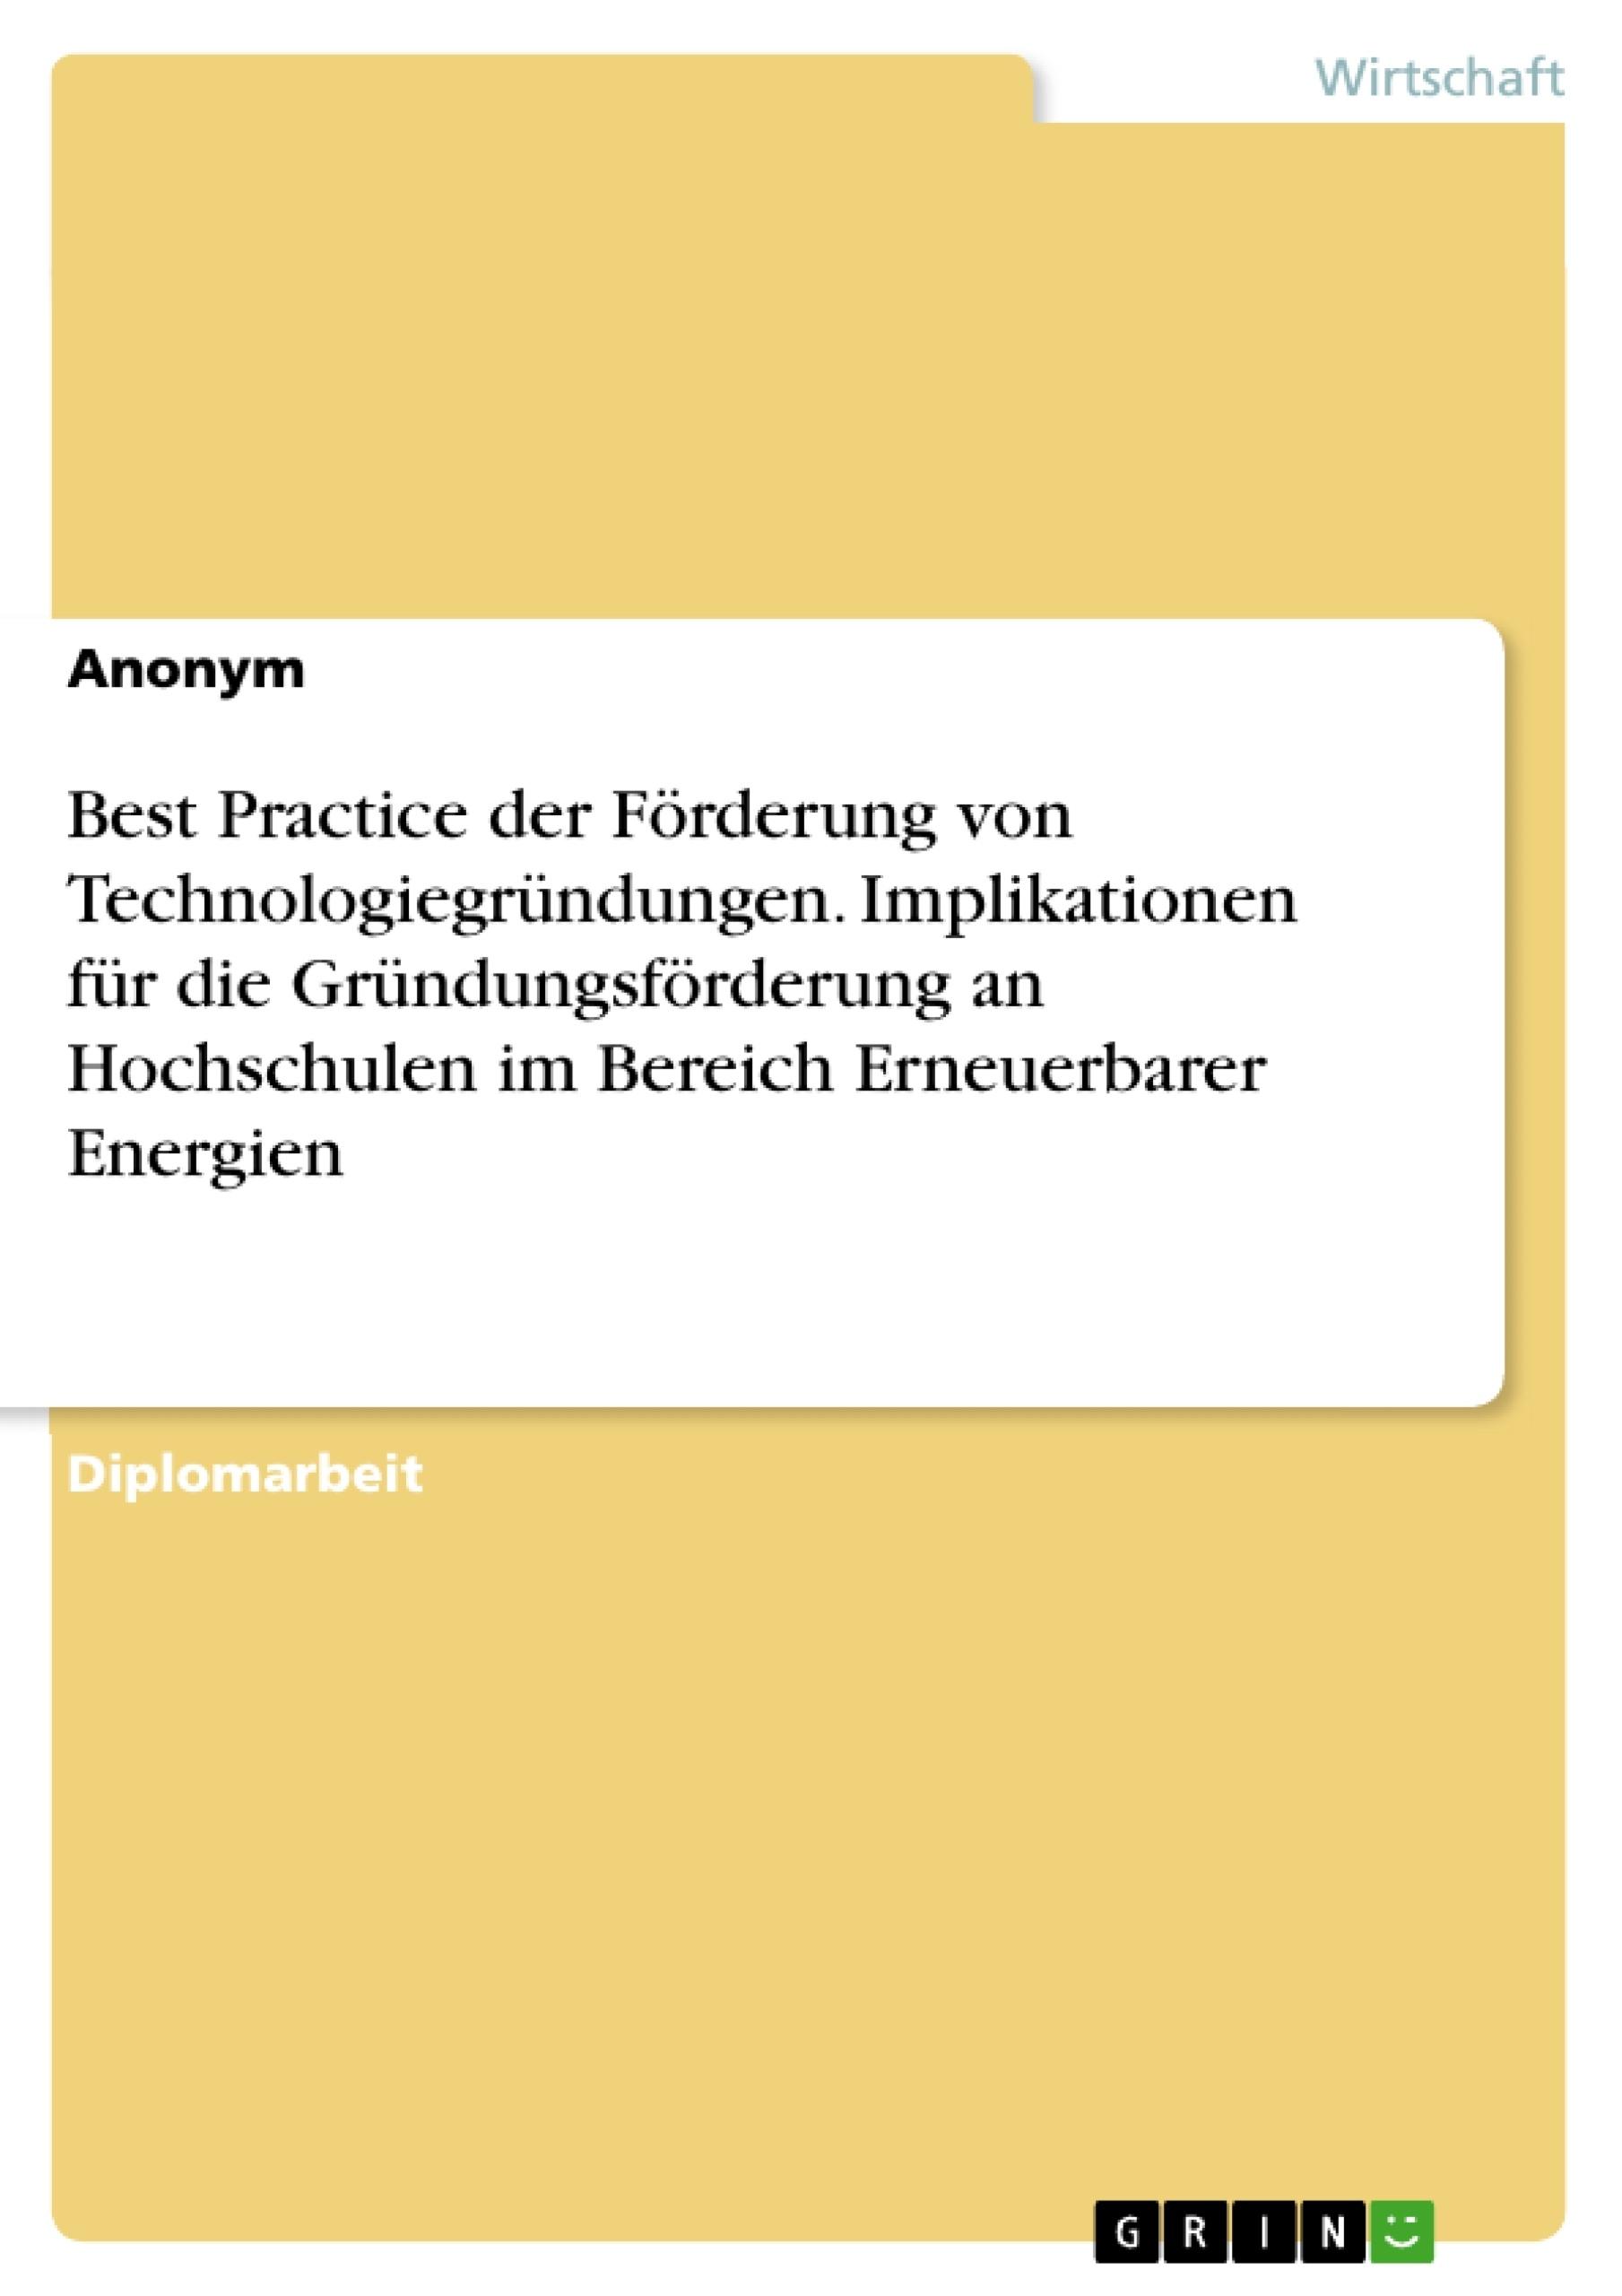 Titel: Best Practice der Förderung von Technologiegründungen. Implikationen für die Gründungsförderung an Hochschulen im Bereich Erneuerbarer Energien